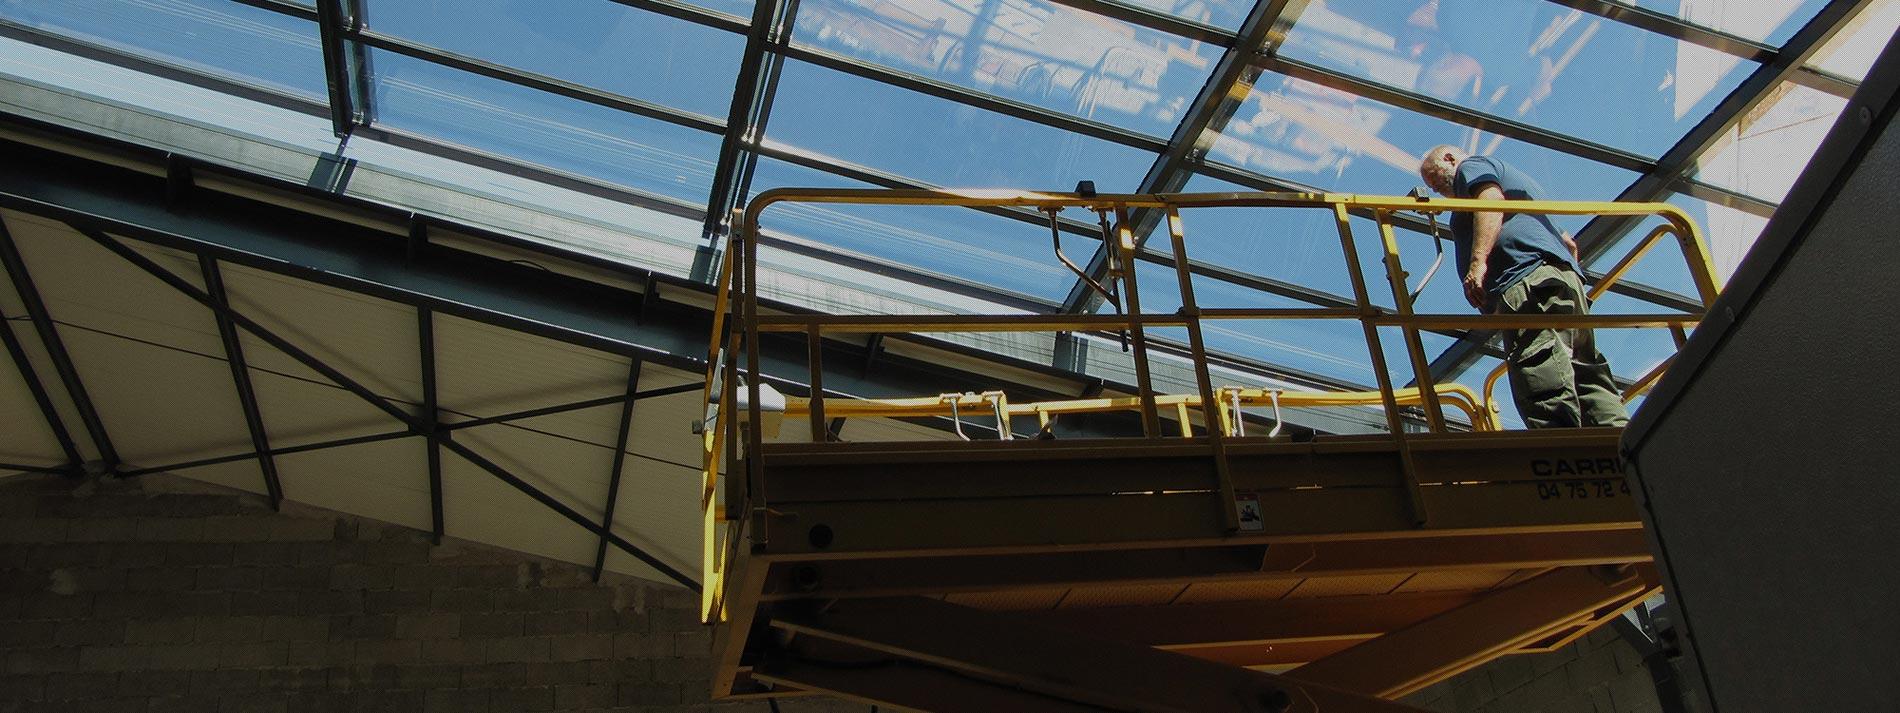 TOITEL, la toiture rétractable mobile innovante